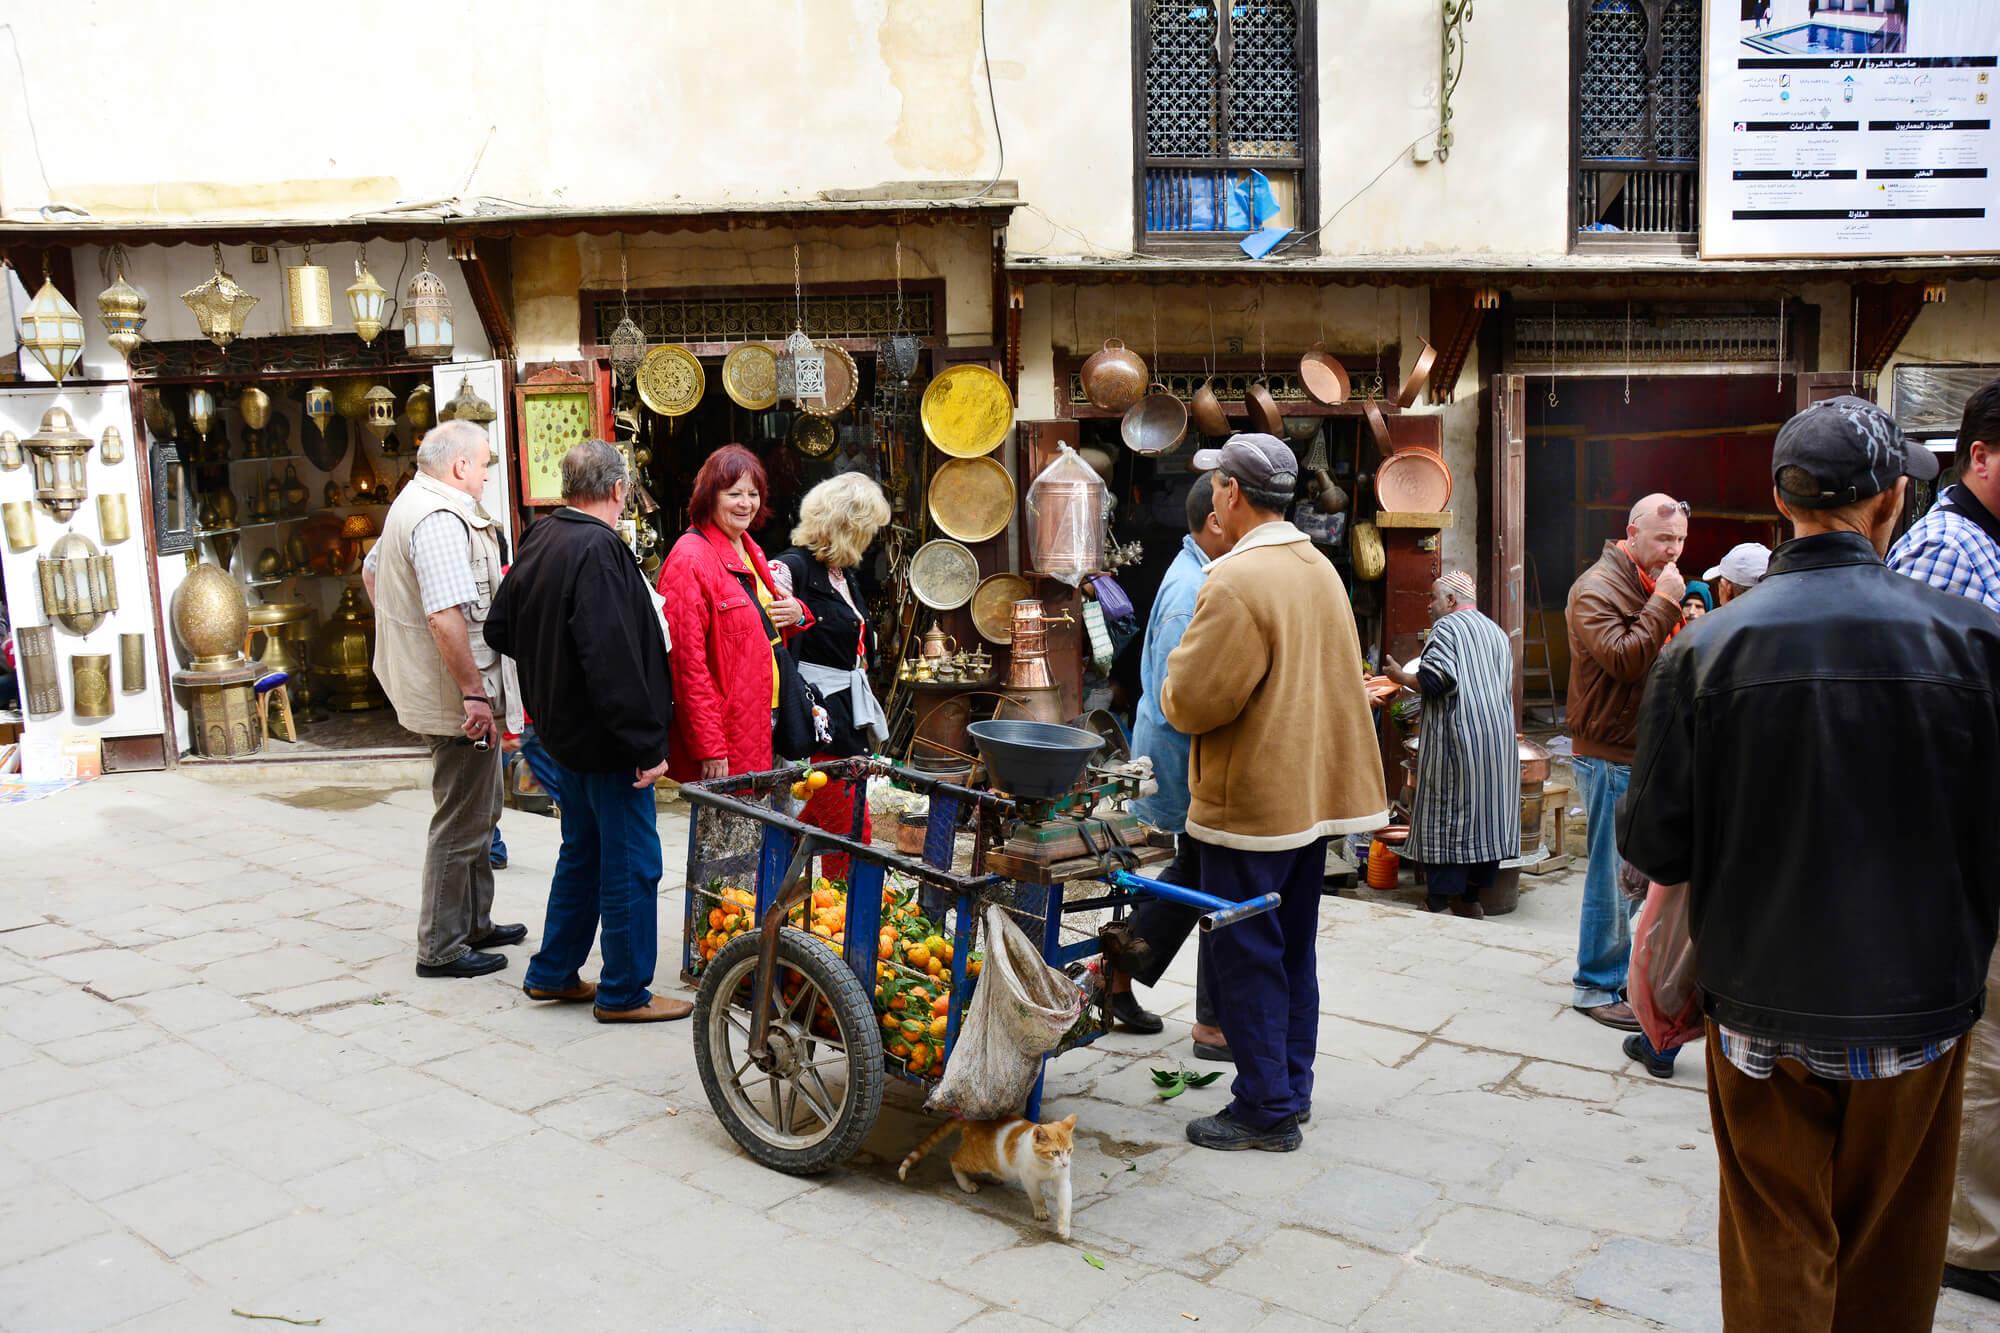 כיכר אל סאפרין - שוק רוקעי הנחושת, העיר פס שבמרוקו